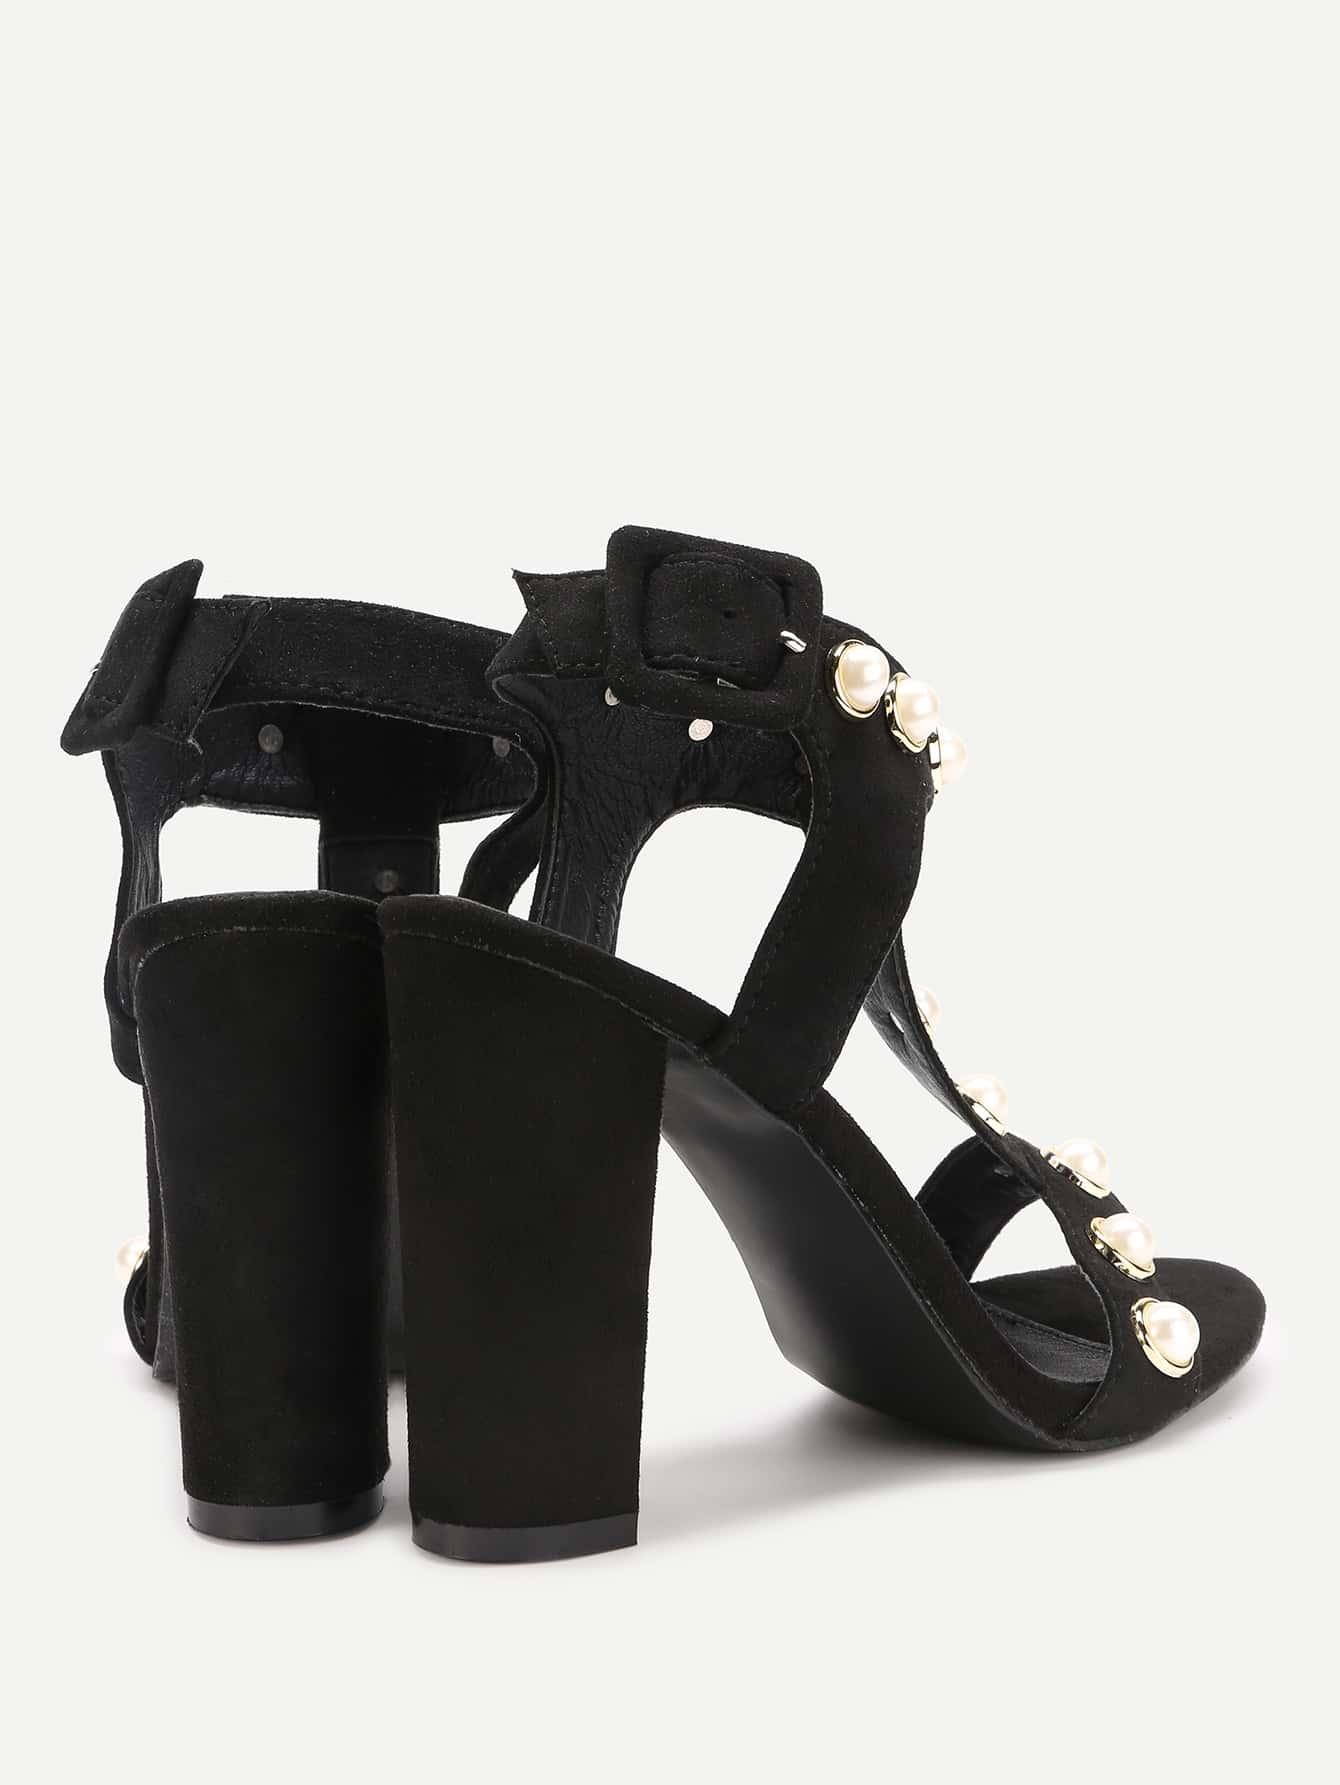 shoes170504824_2